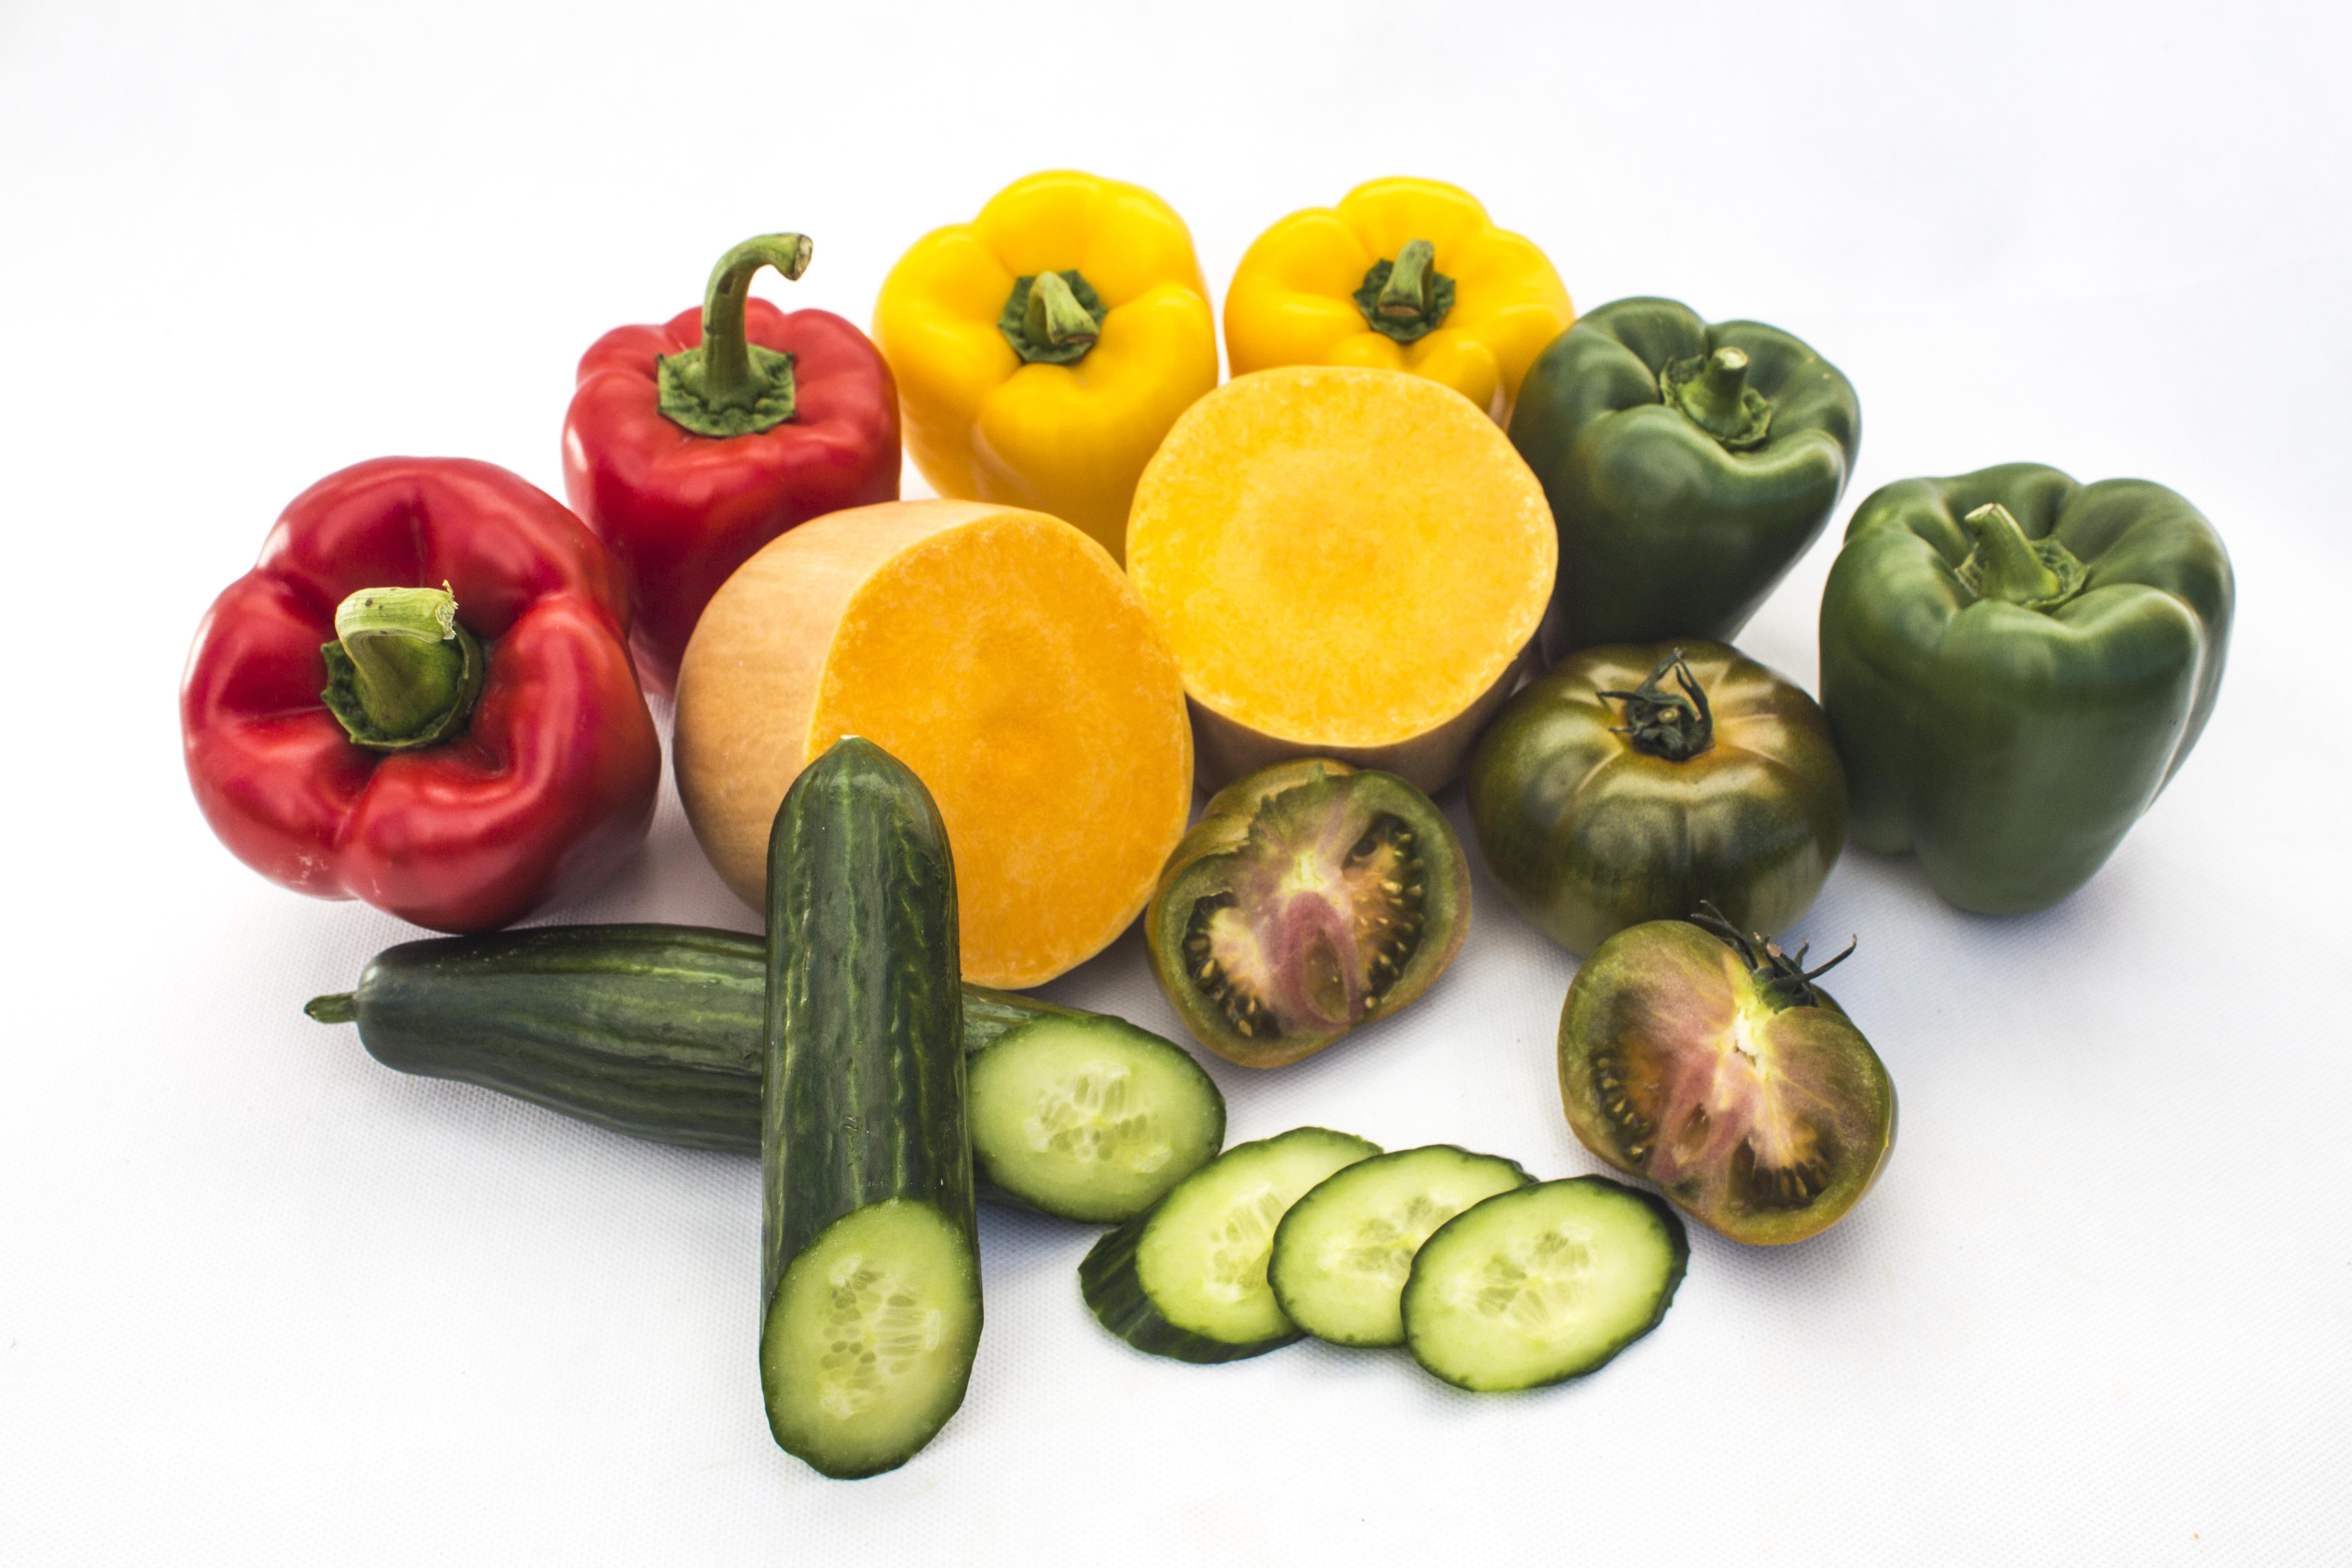 frutas_verduras_ecologicas